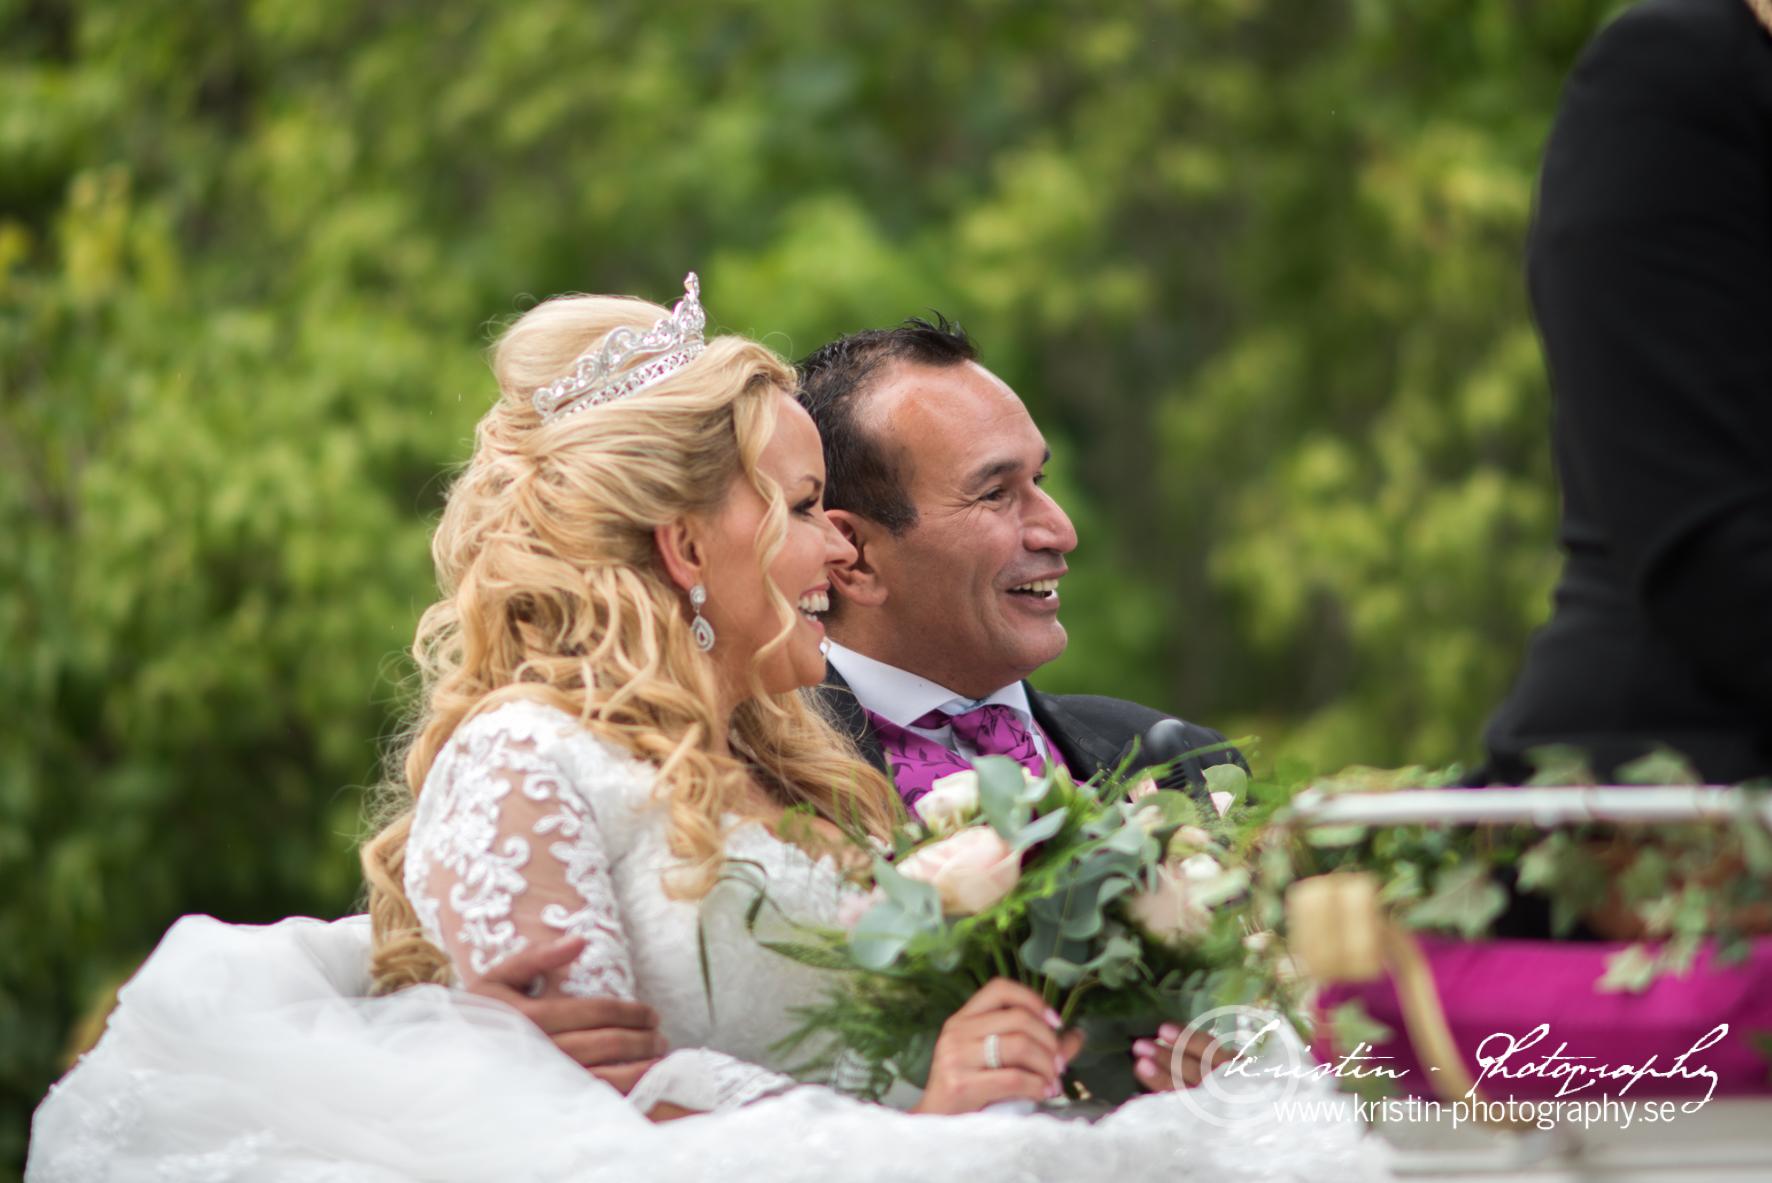 Bröllopsfotograf i Eskilstuna, Kristin - Photography-247.jpg